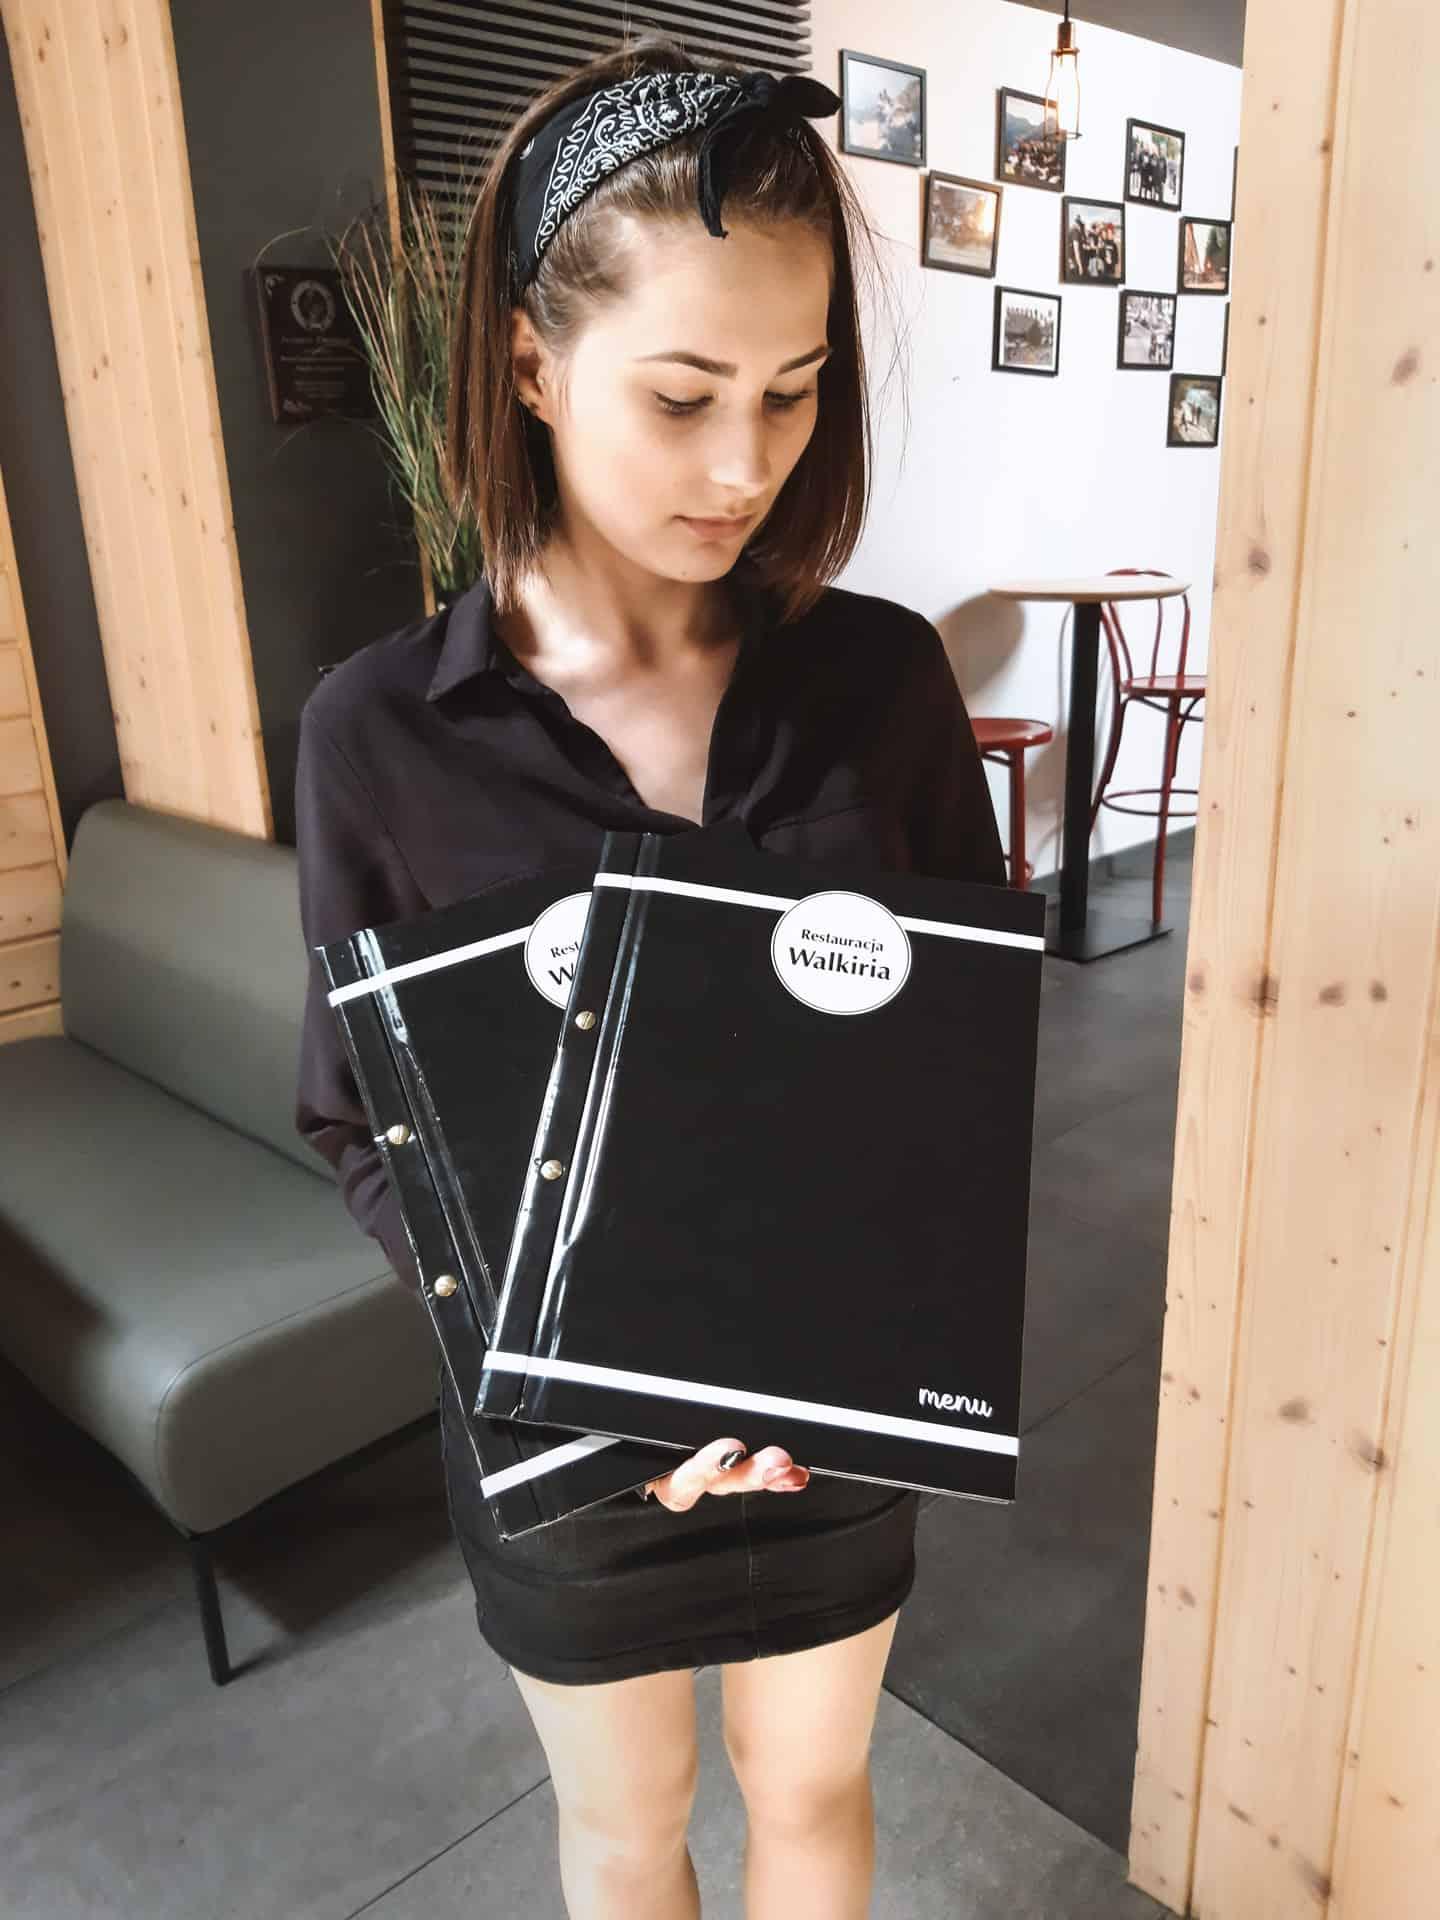 menu trzymane przez kelnerkę w restauracji Walkiria